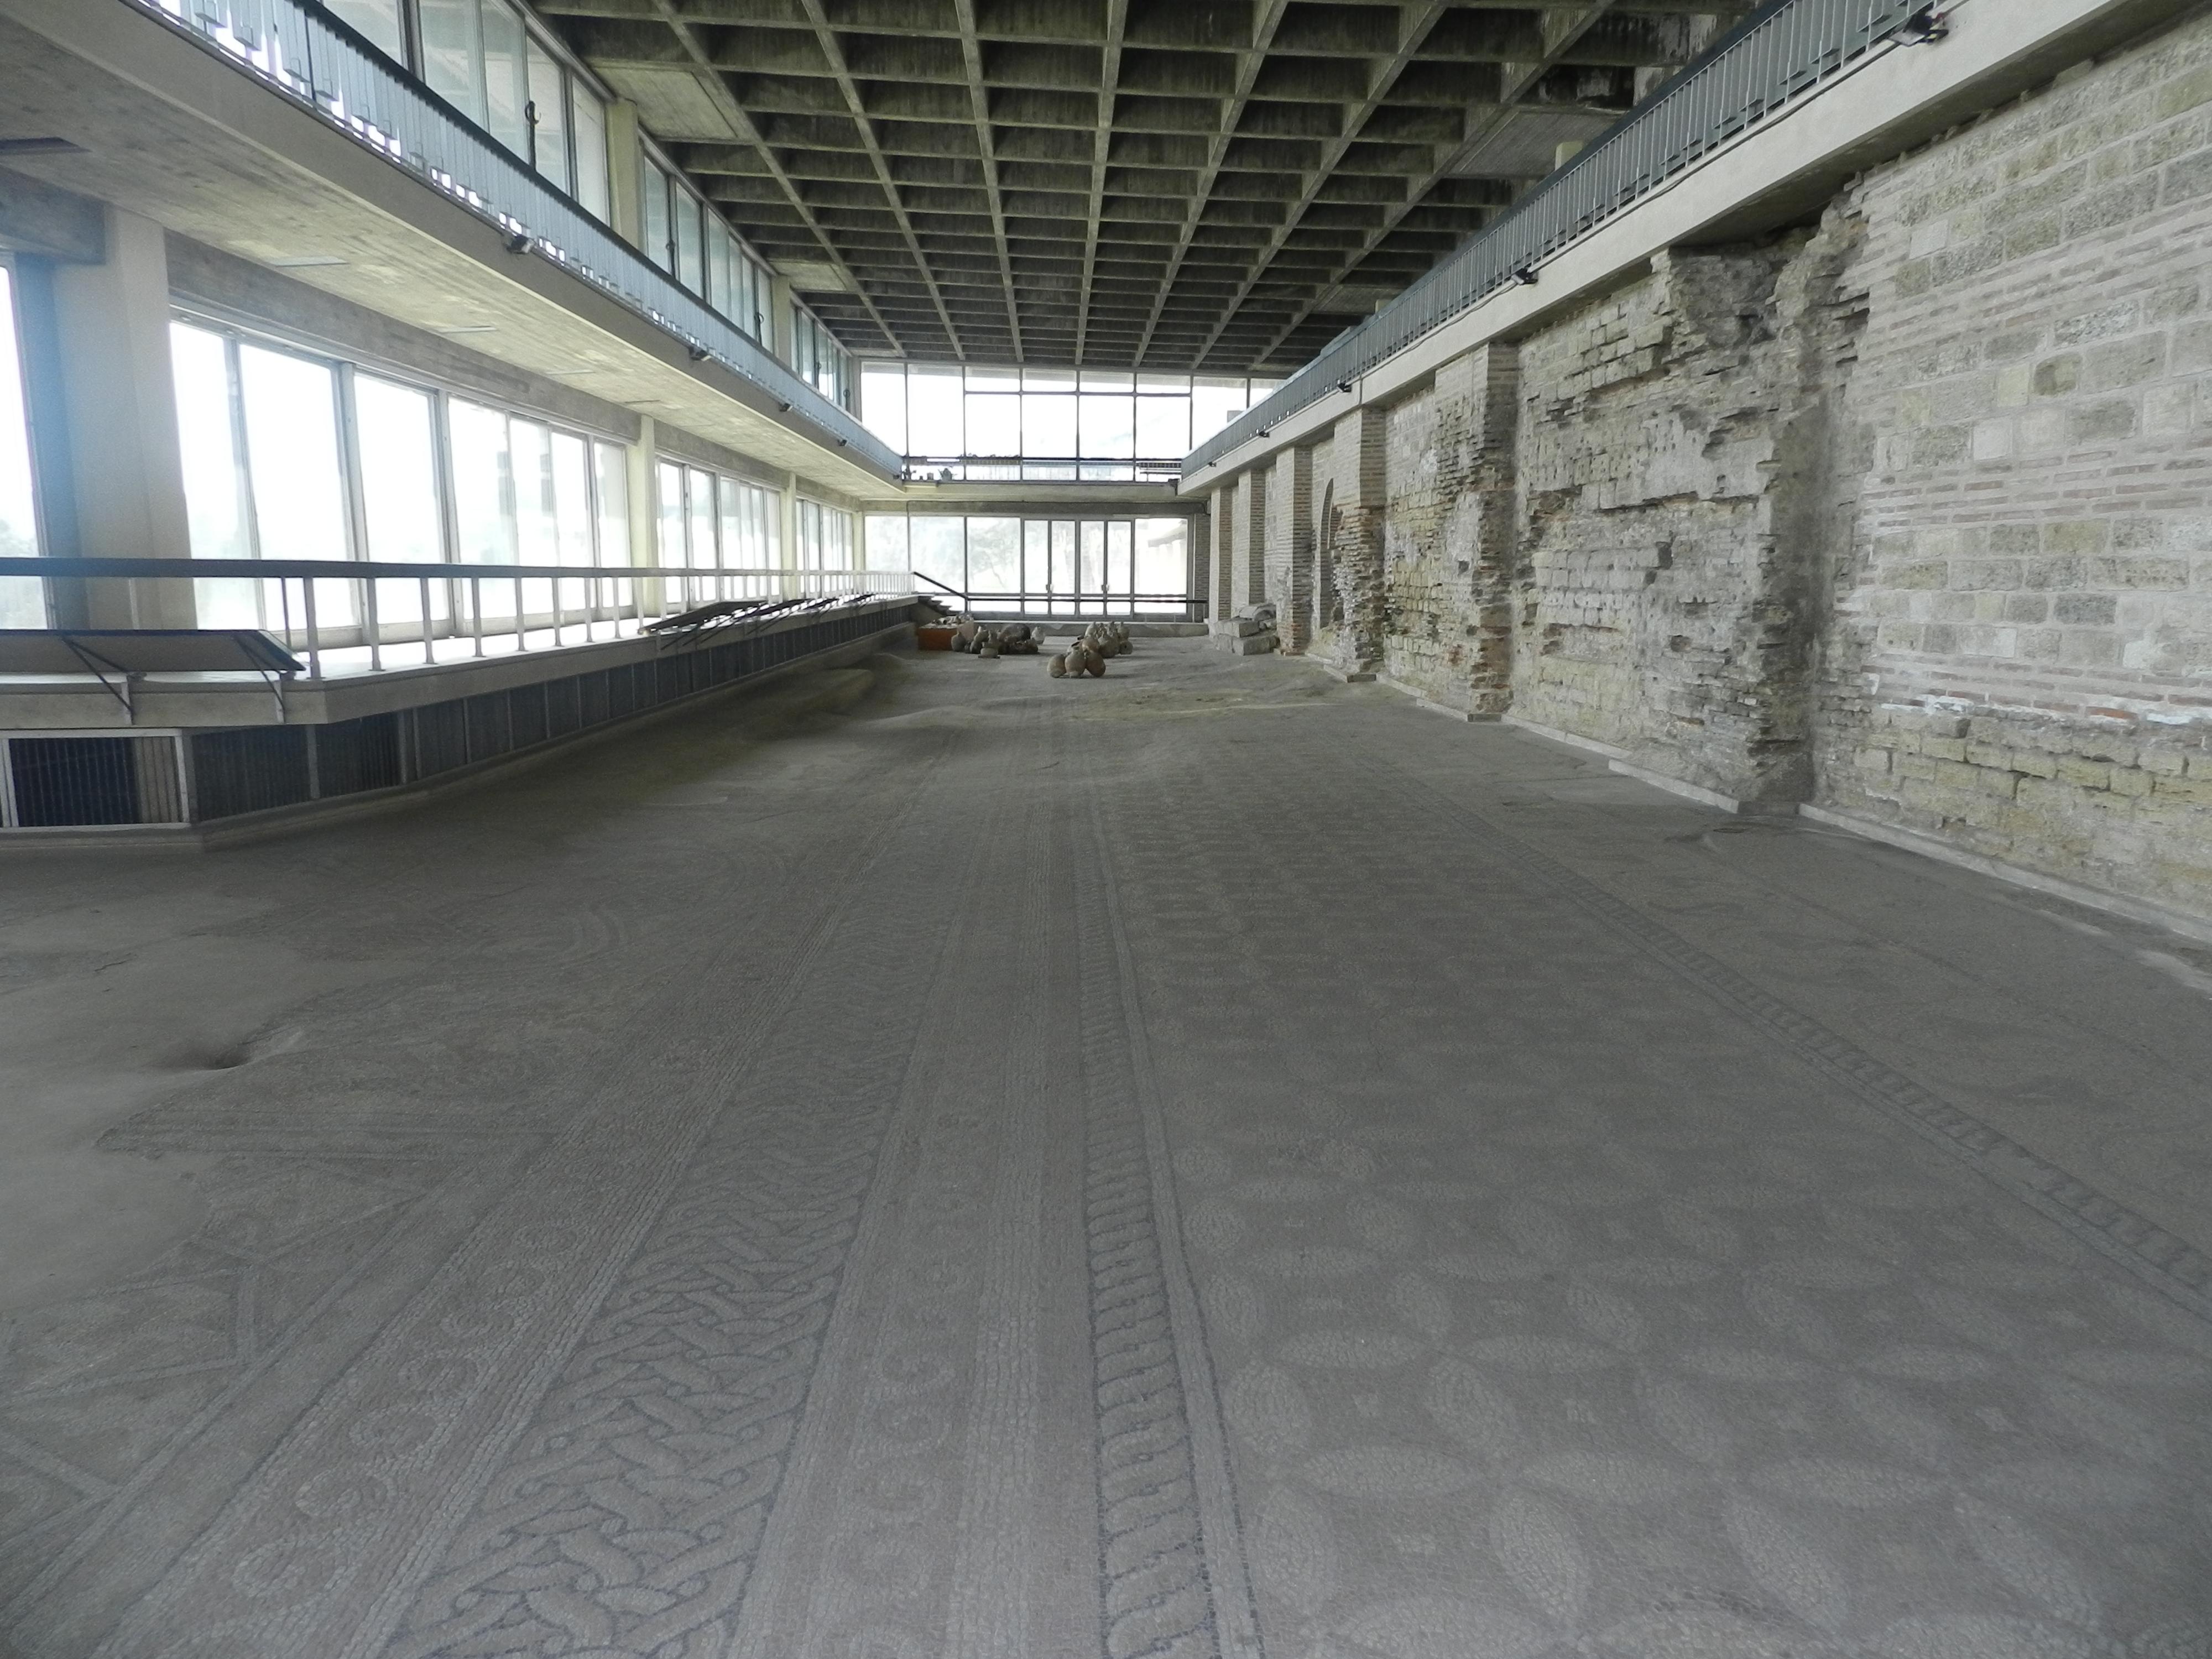 Constanța: Edificiul Roman cu Mozaic, monument din secolele II-IV,  este aproape de prăbușire. Consiliul Județean Constanța speră că va fi salvat cu fonduri europene 4